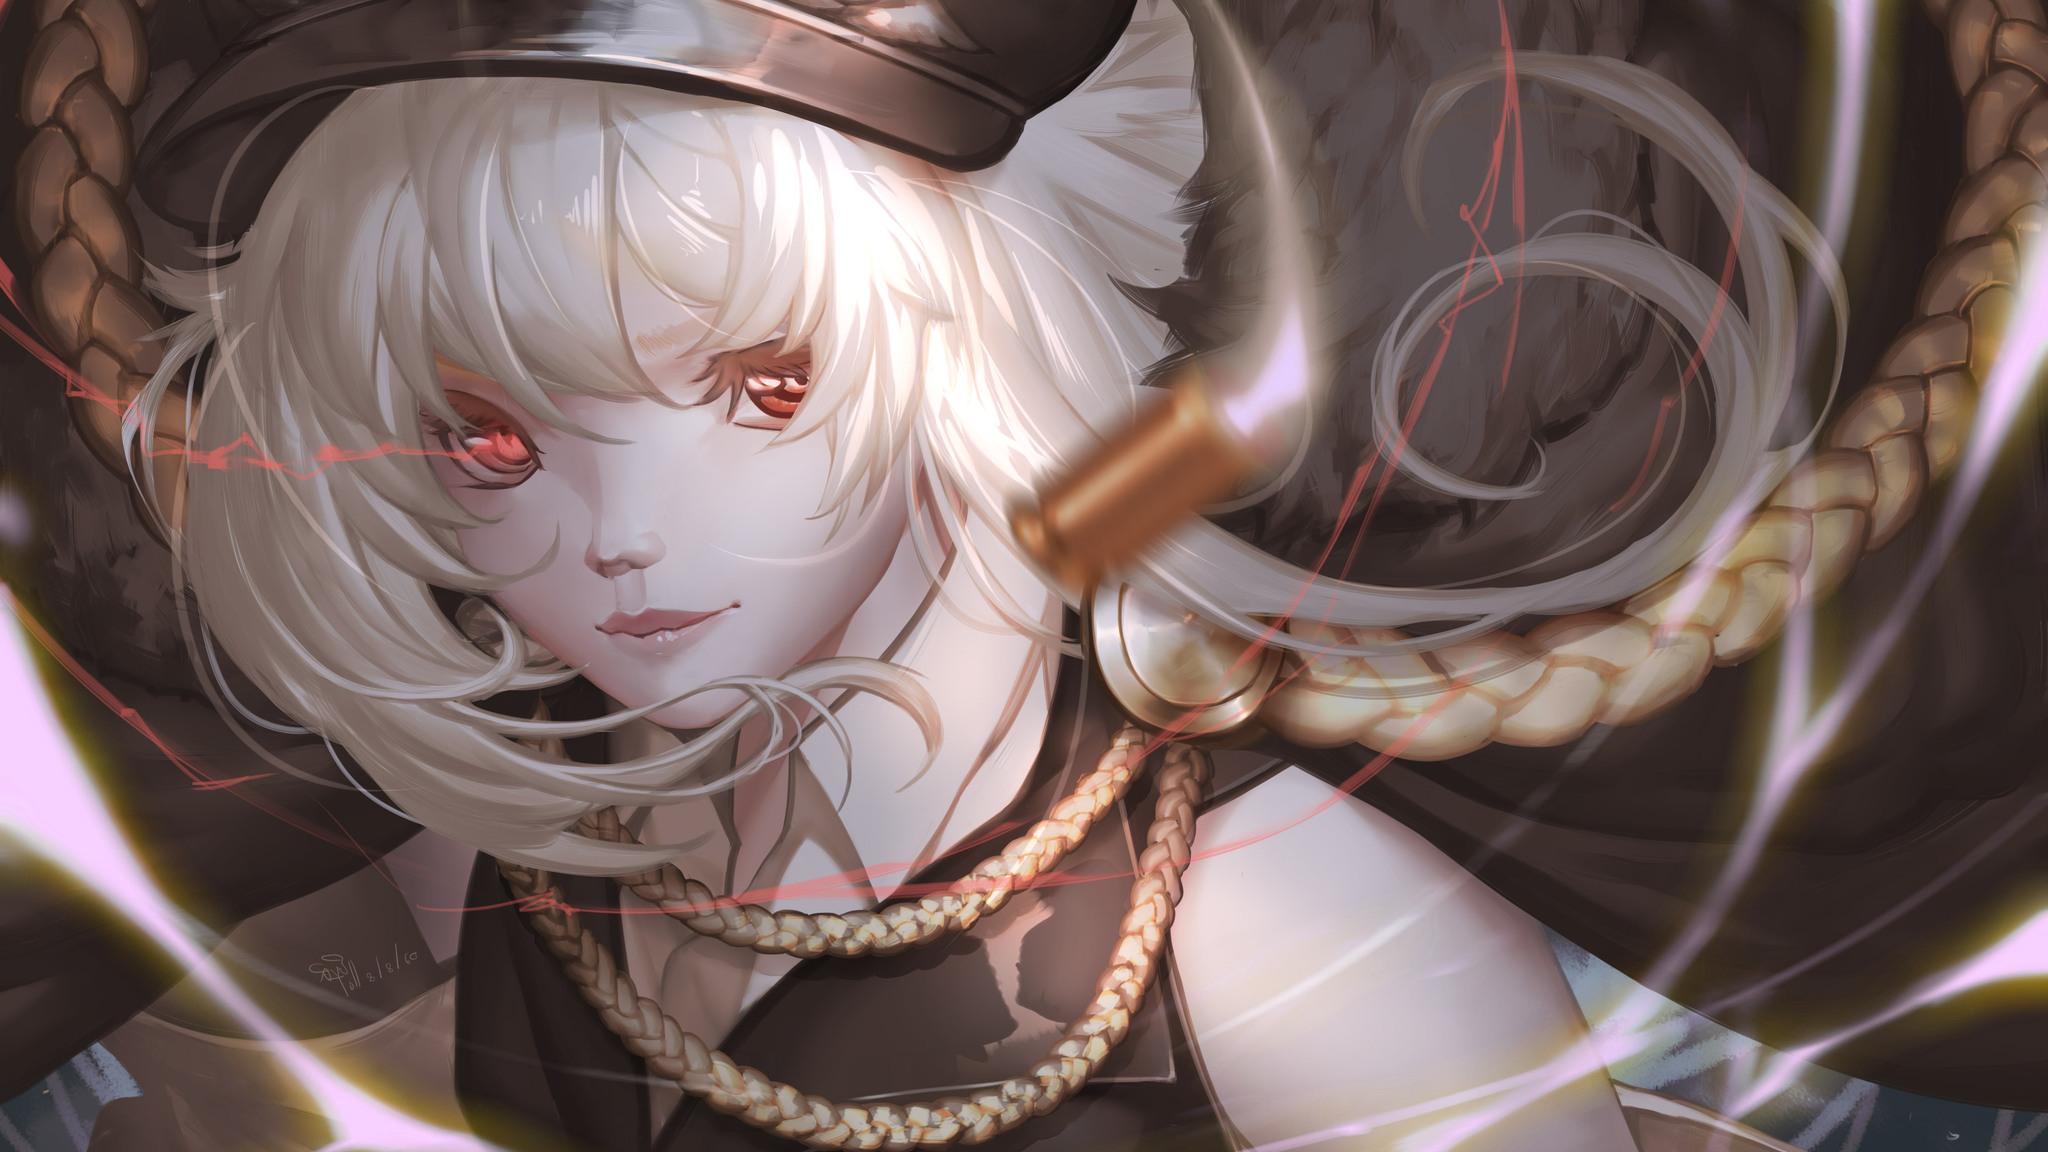 2048x1152 Pubg Fan Art 2048x1152 Resolution Hd 4k: 2048x1152 Kar98k Girls Frontline Anime 2048x1152